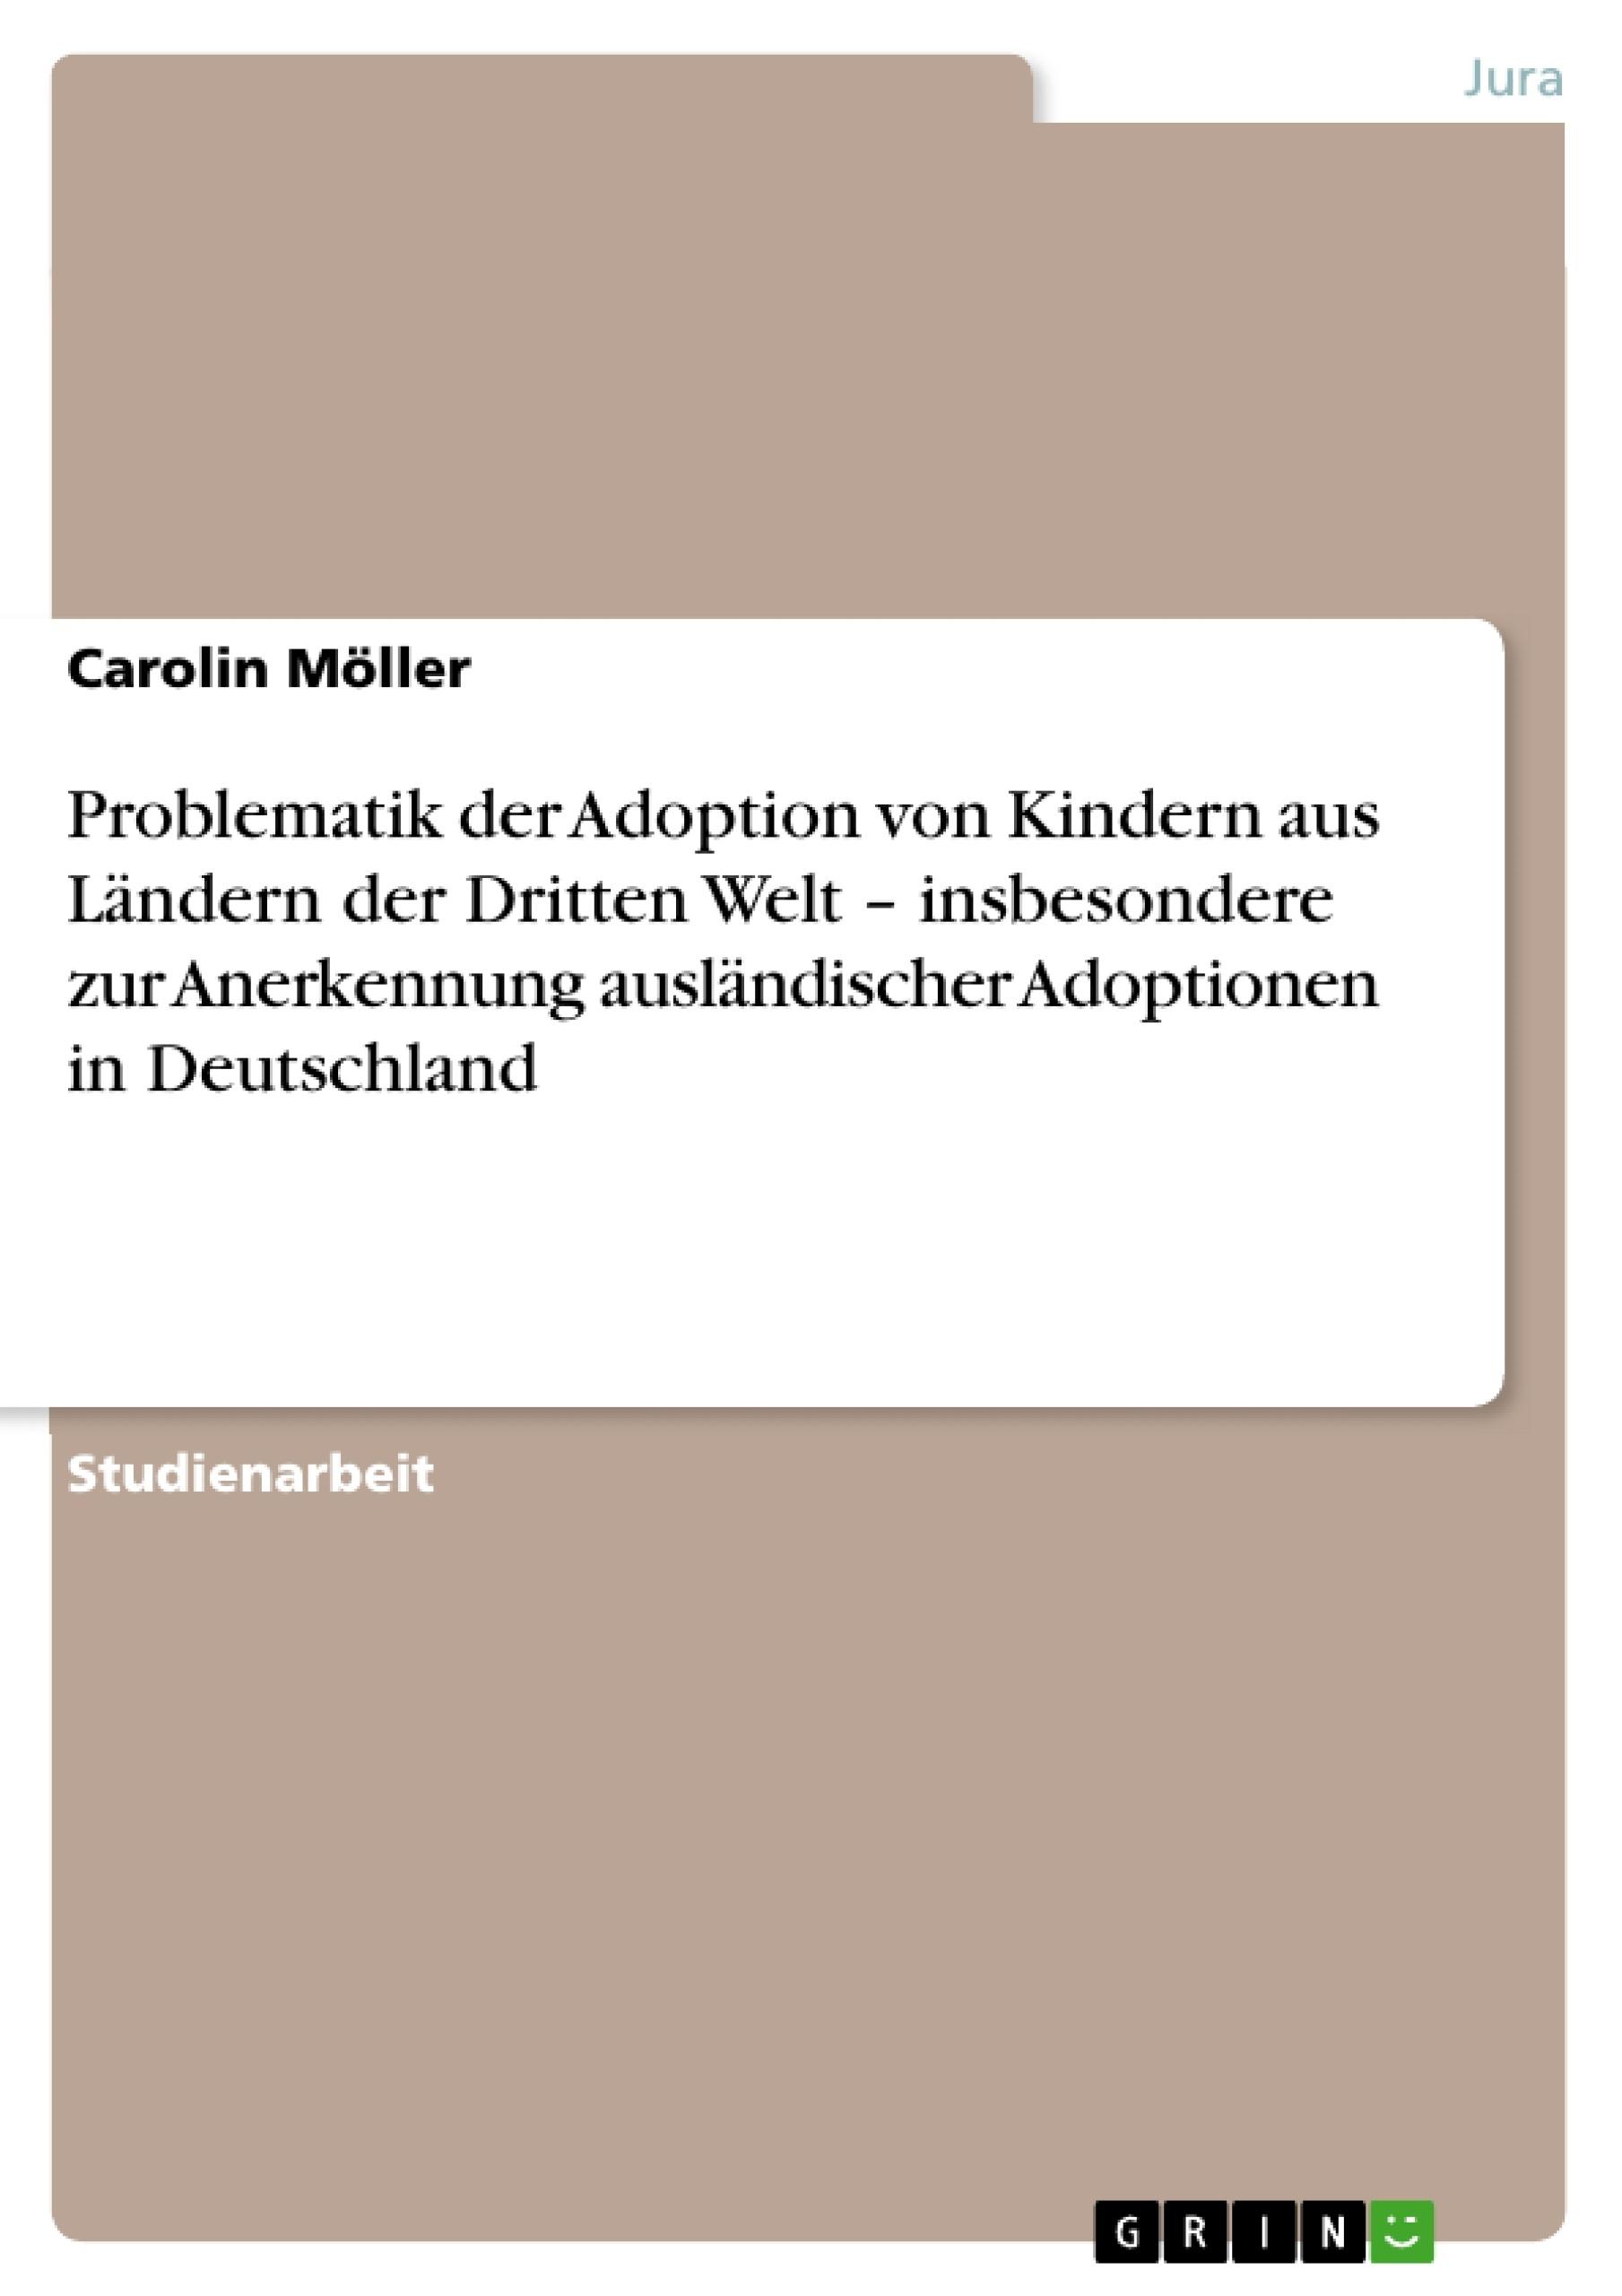 Titel: Problematik der Adoption von Kindern aus Ländern der Dritten Welt – insbesondere zur Anerkennung ausländischer Adoptionen in Deutschland